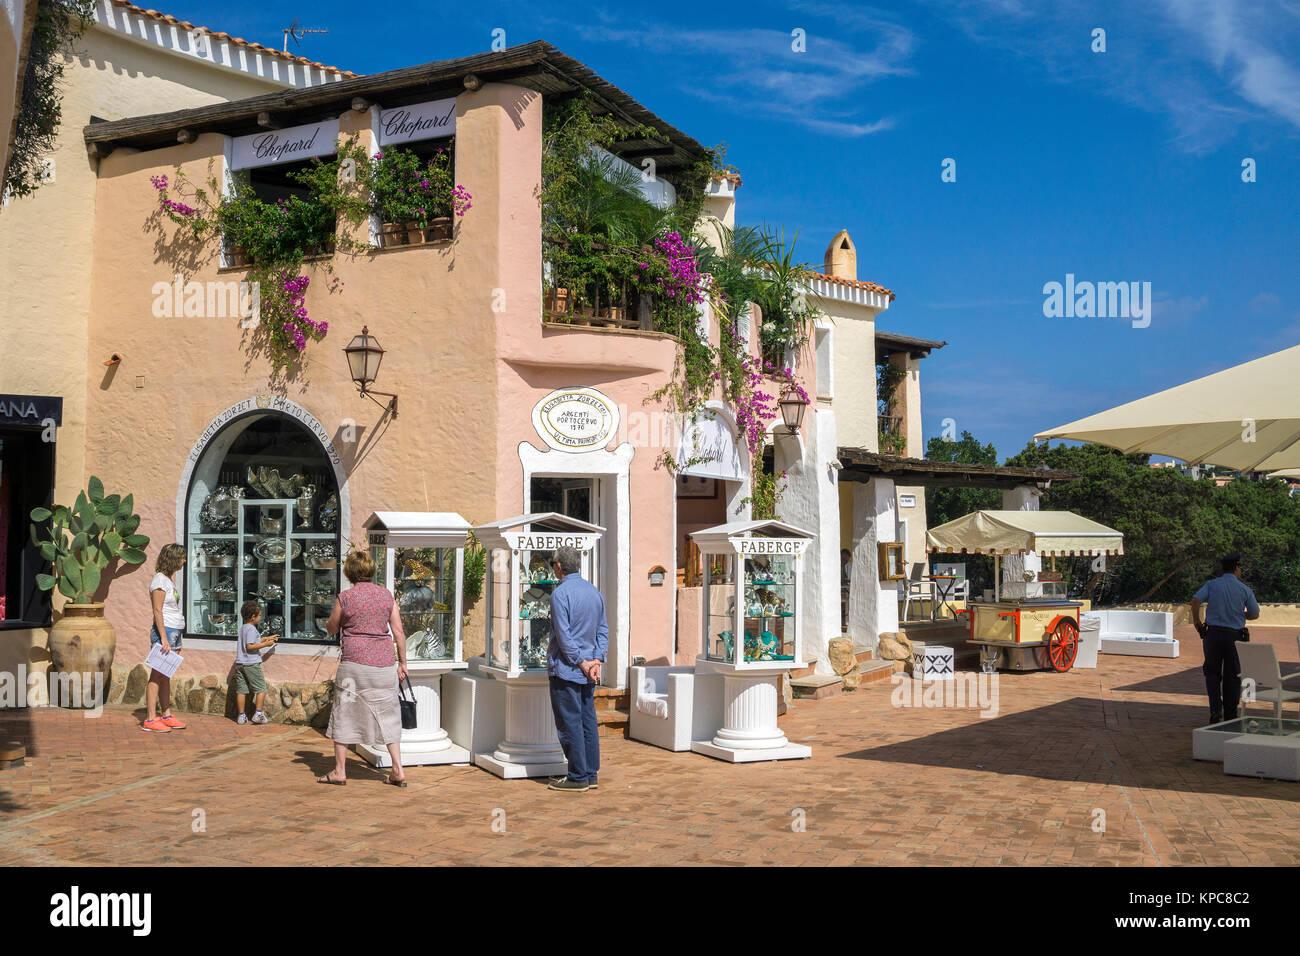 Case Stile Mediterraneo Sardegna : Case e negozi a porto cervo stile moresco destinazione di lusso